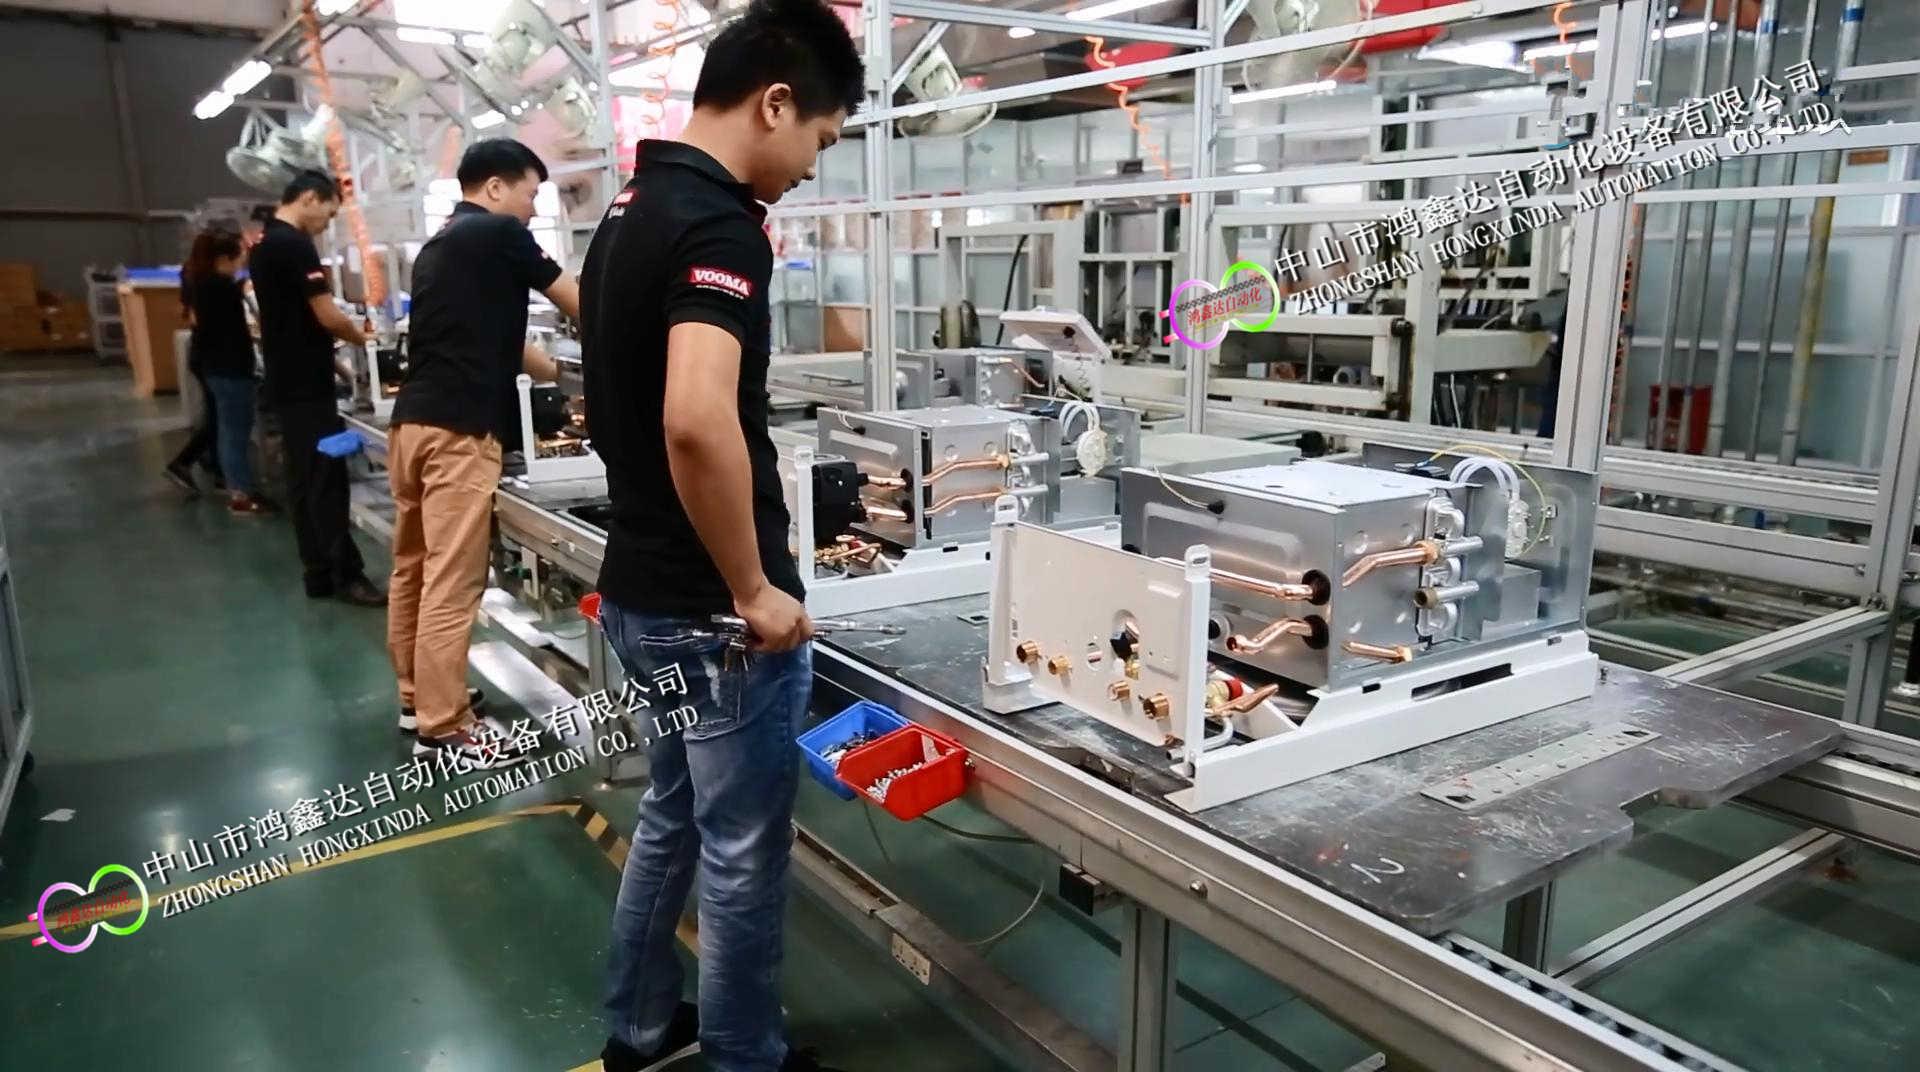 瑞马燃气壁挂炉生产检测设备及新增生产线展示-1080_20180117113403.JPG